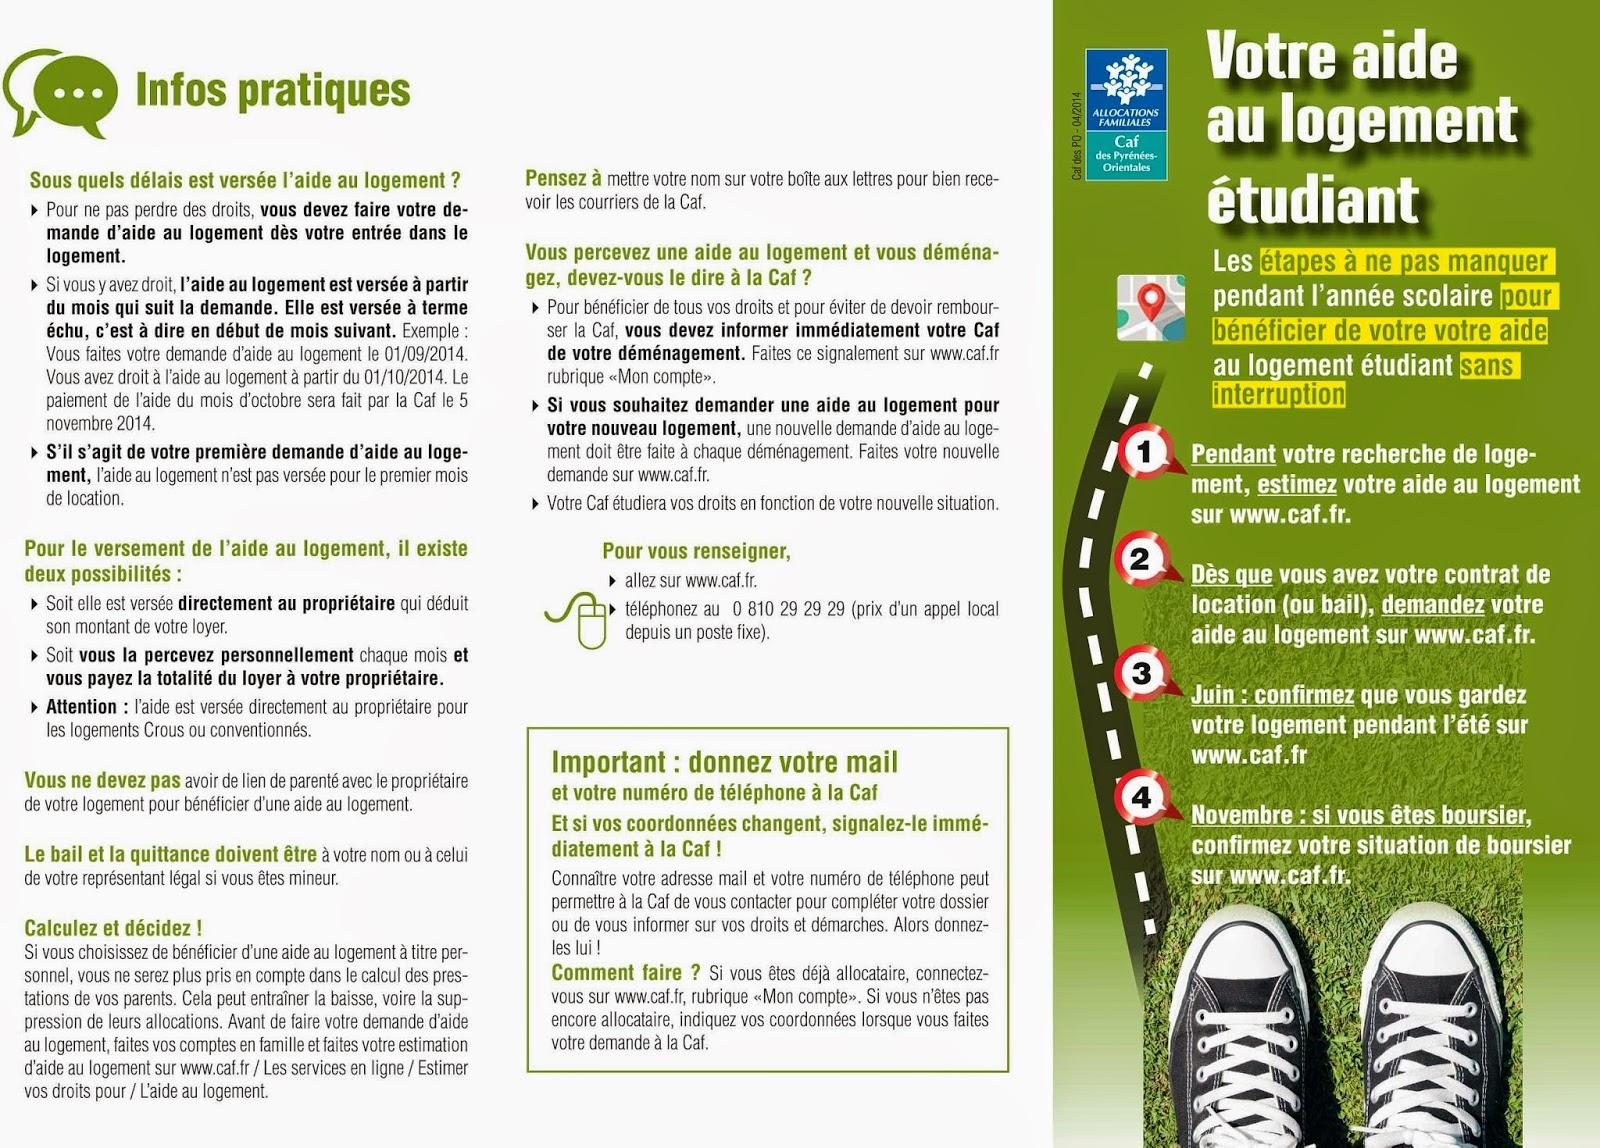 Bureau Information Jeunesse 66 L Aide Au Logement Etudiant